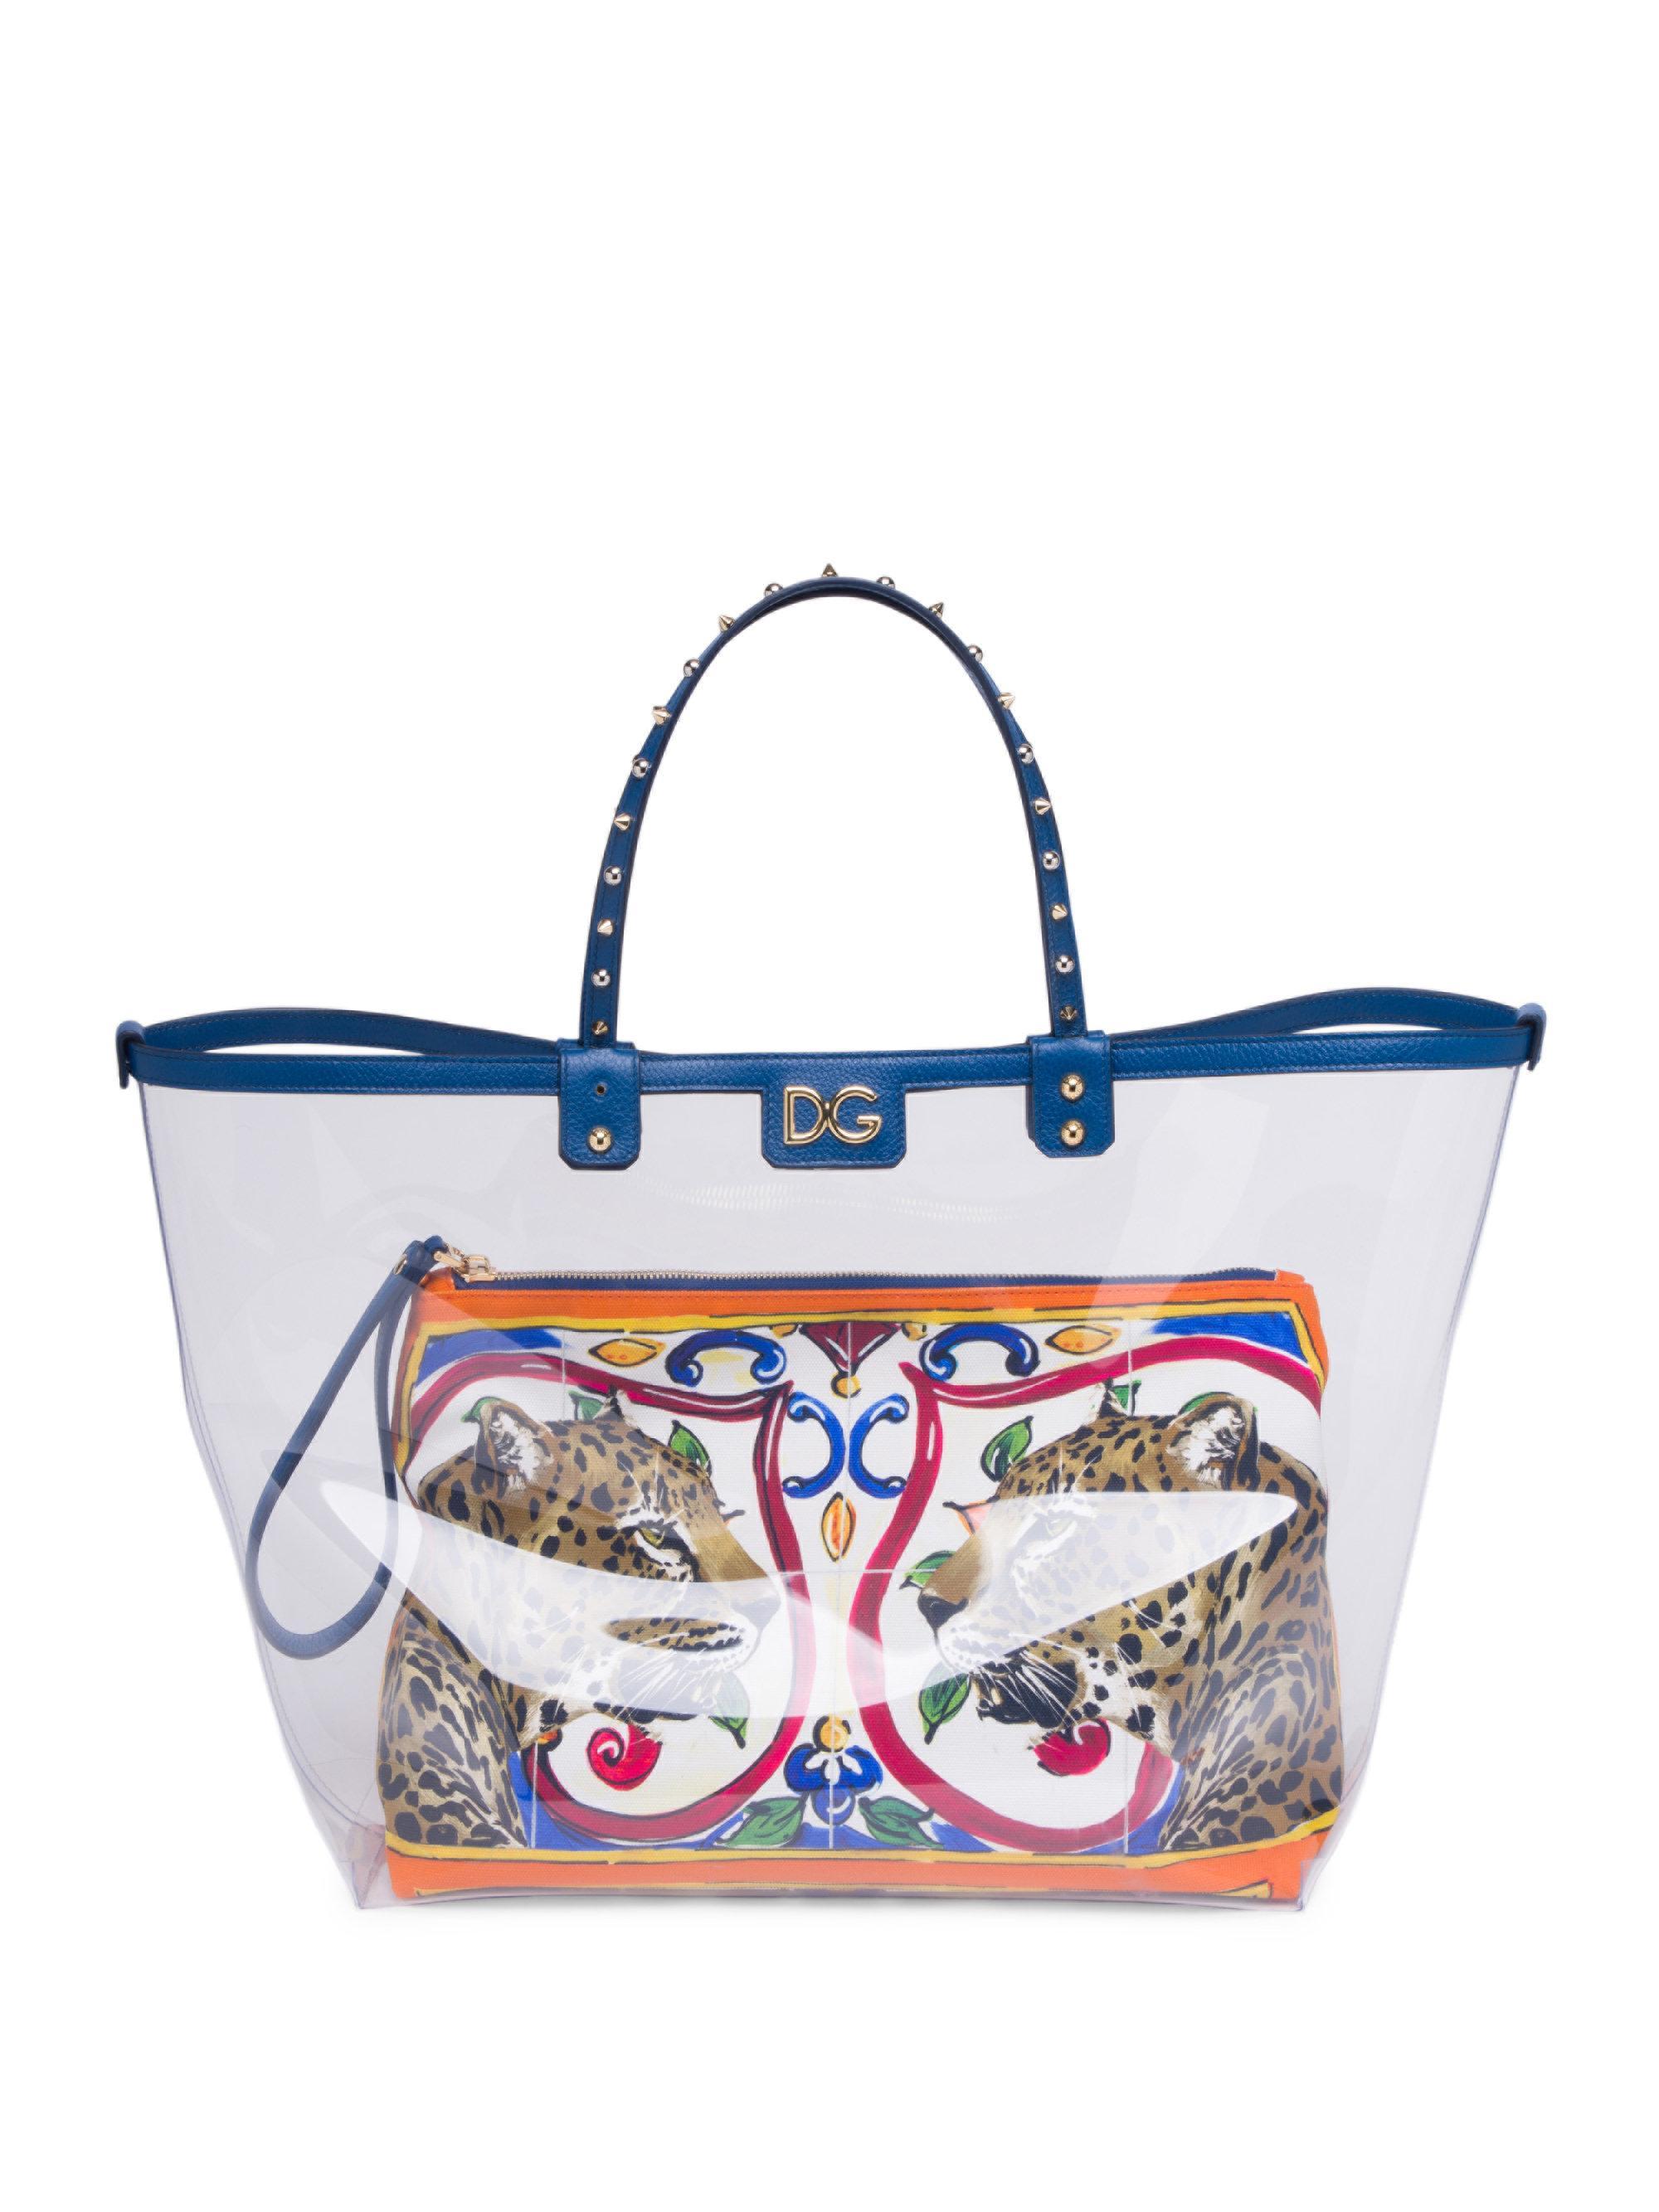 be6837083d9 Dolce & Gabbana Maiolica Leo Tote - Lyst